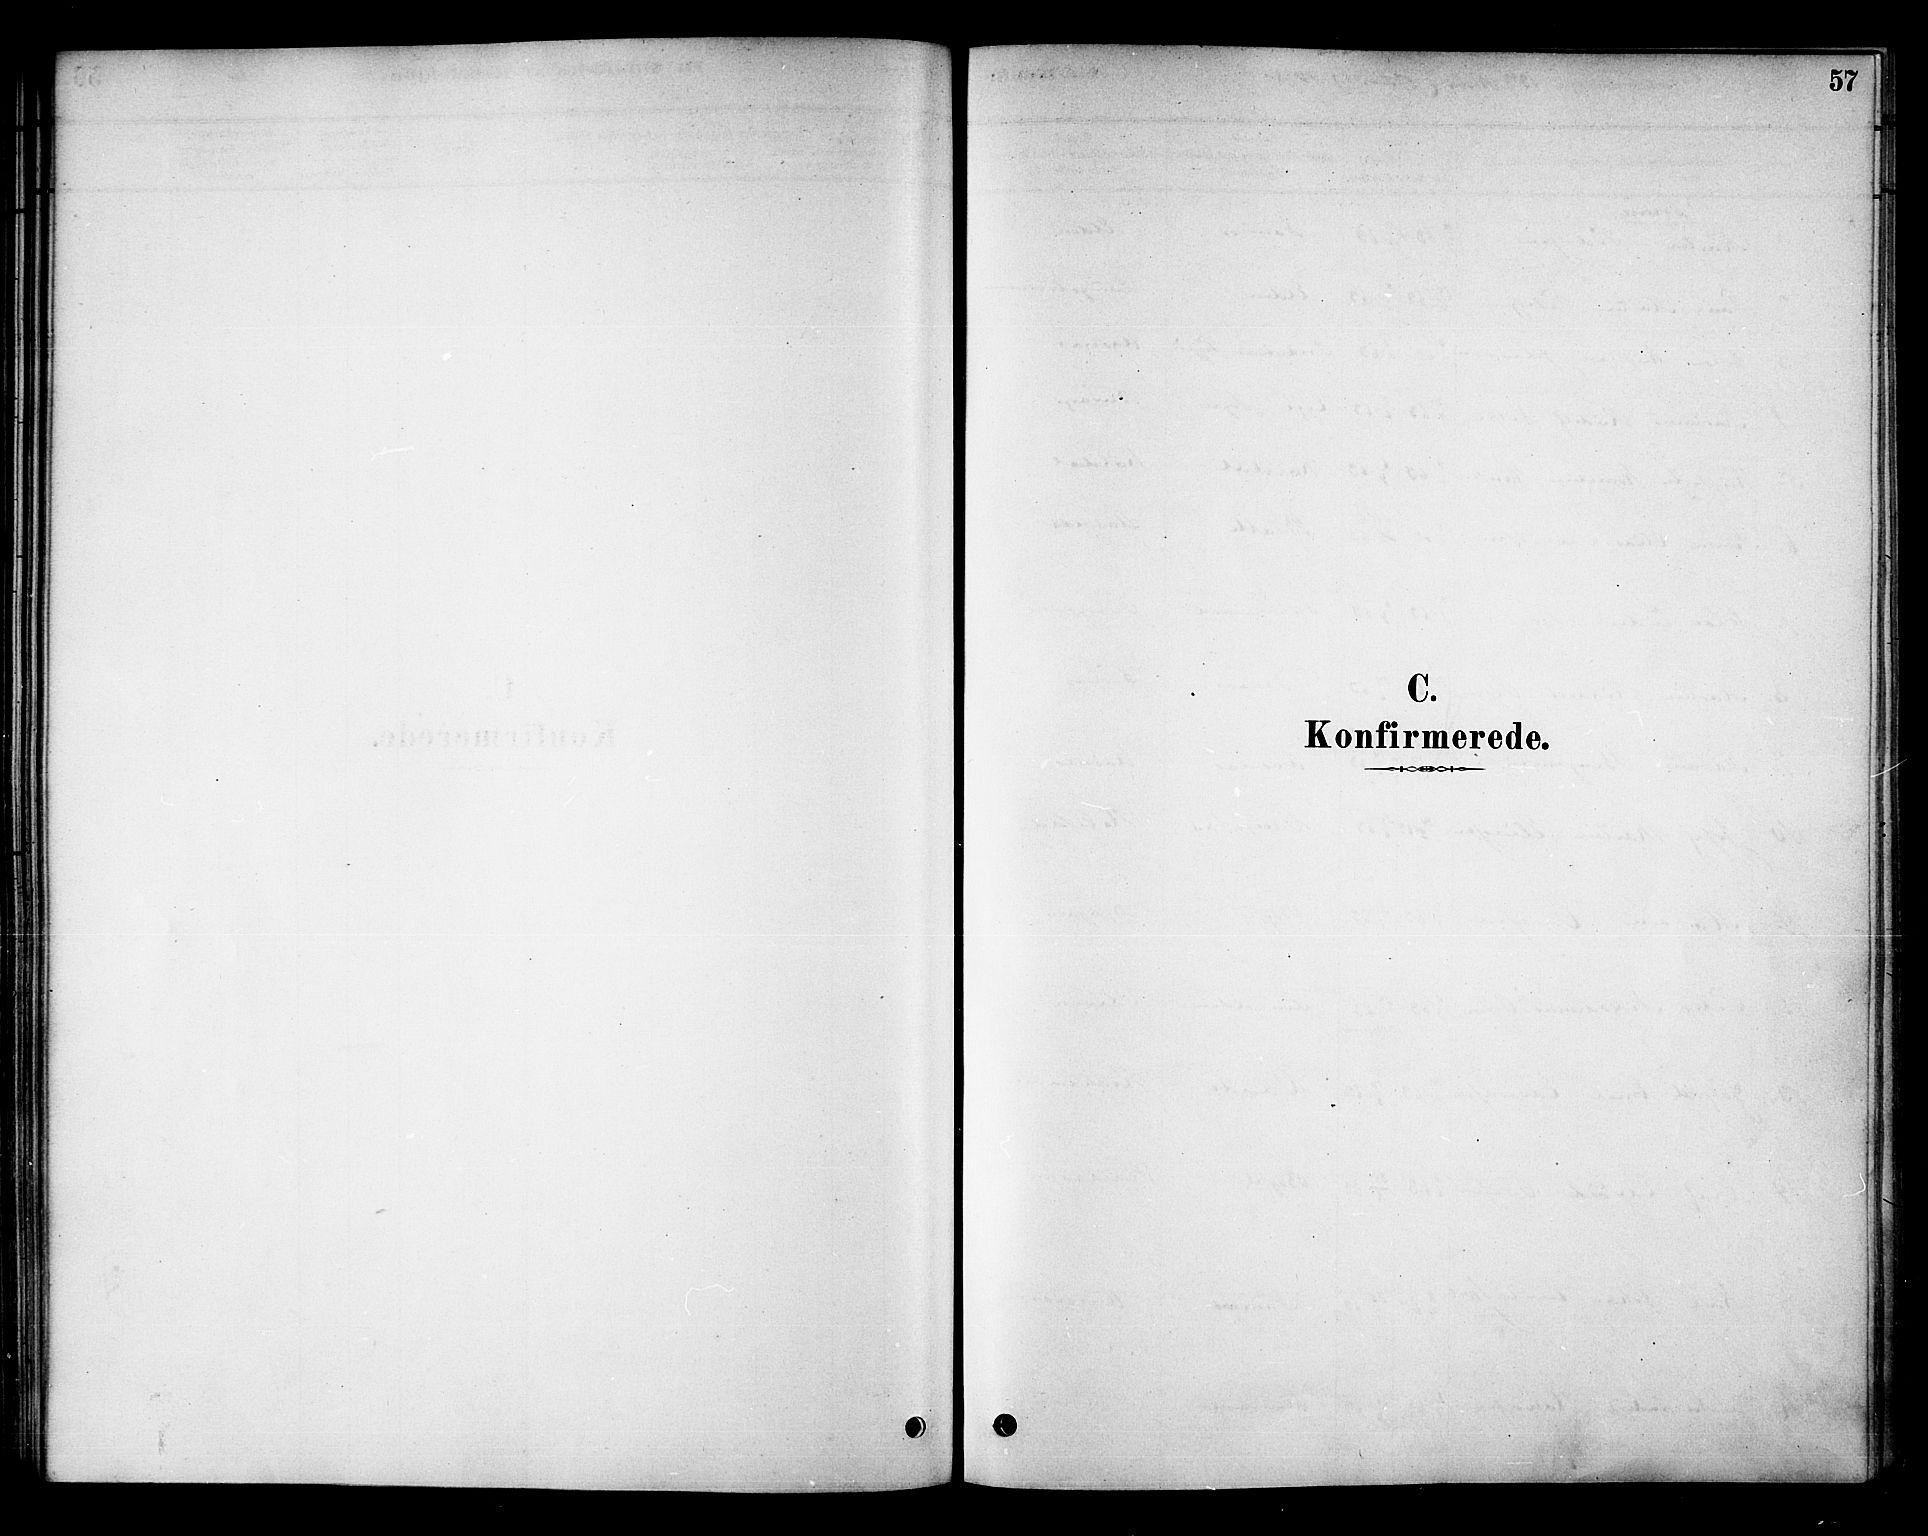 SAT, Ministerialprotokoller, klokkerbøker og fødselsregistre - Nord-Trøndelag, 742/L0408: Ministerialbok nr. 742A01, 1878-1890, s. 57